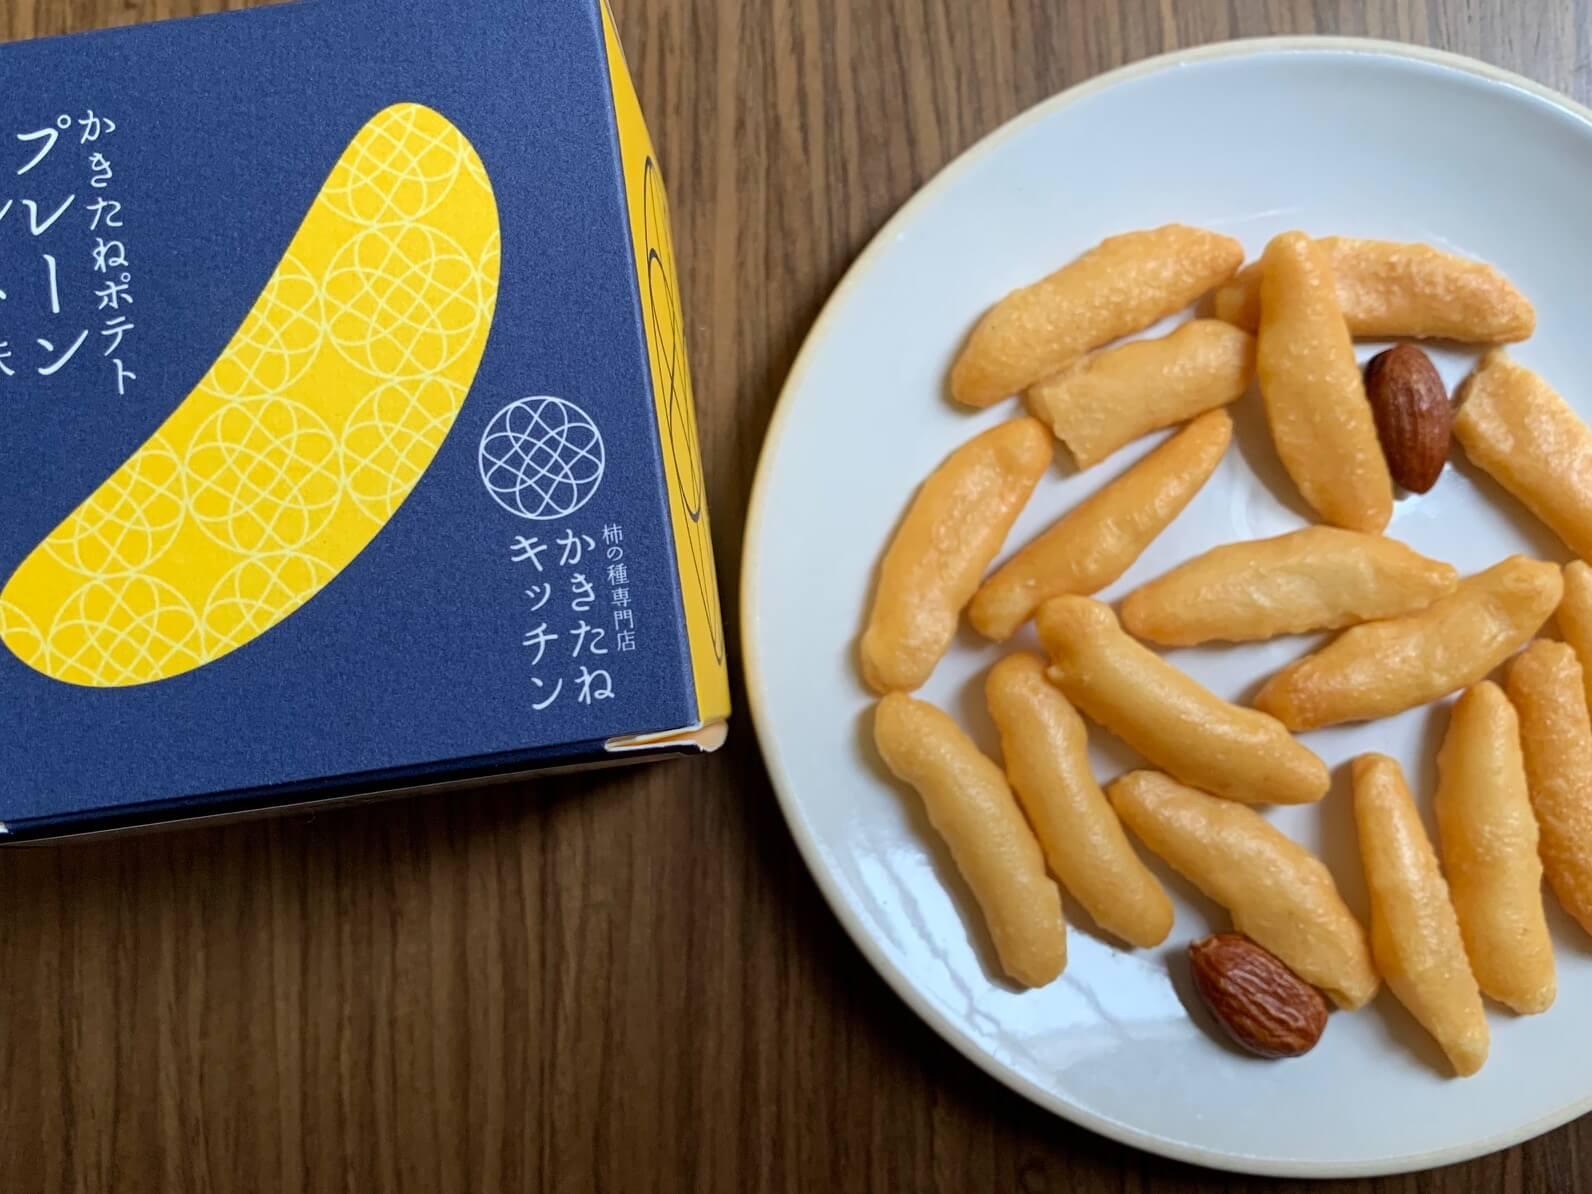 「今回の東京滞在で仕入れた美味しいものベスト5」